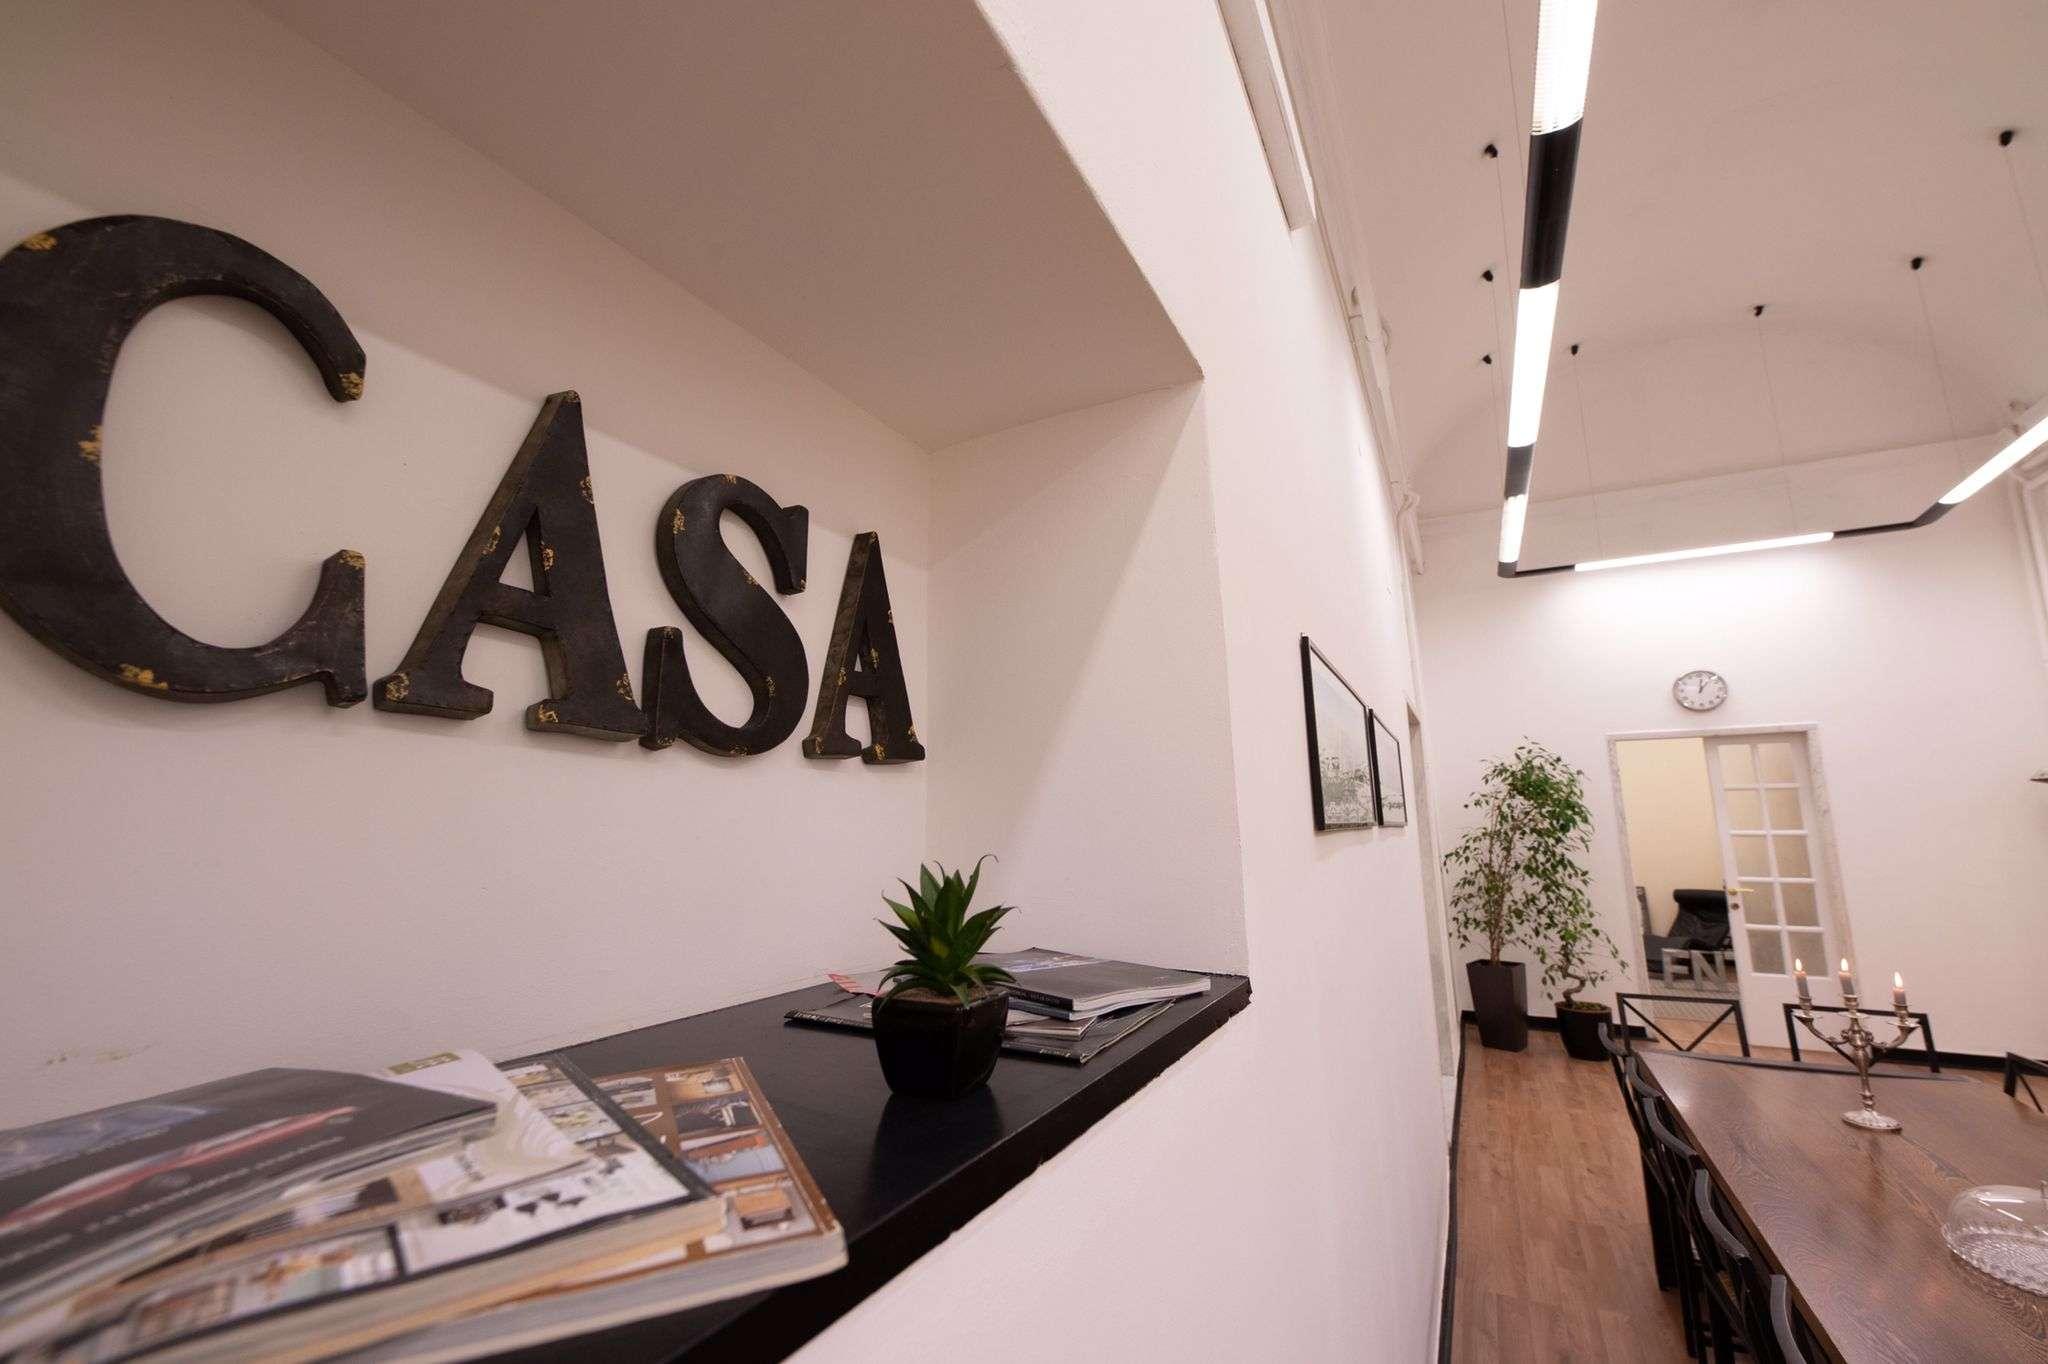 Appartamento in vendita a Genova, 5 locali, prezzo € 350.000 | PortaleAgenzieImmobiliari.it